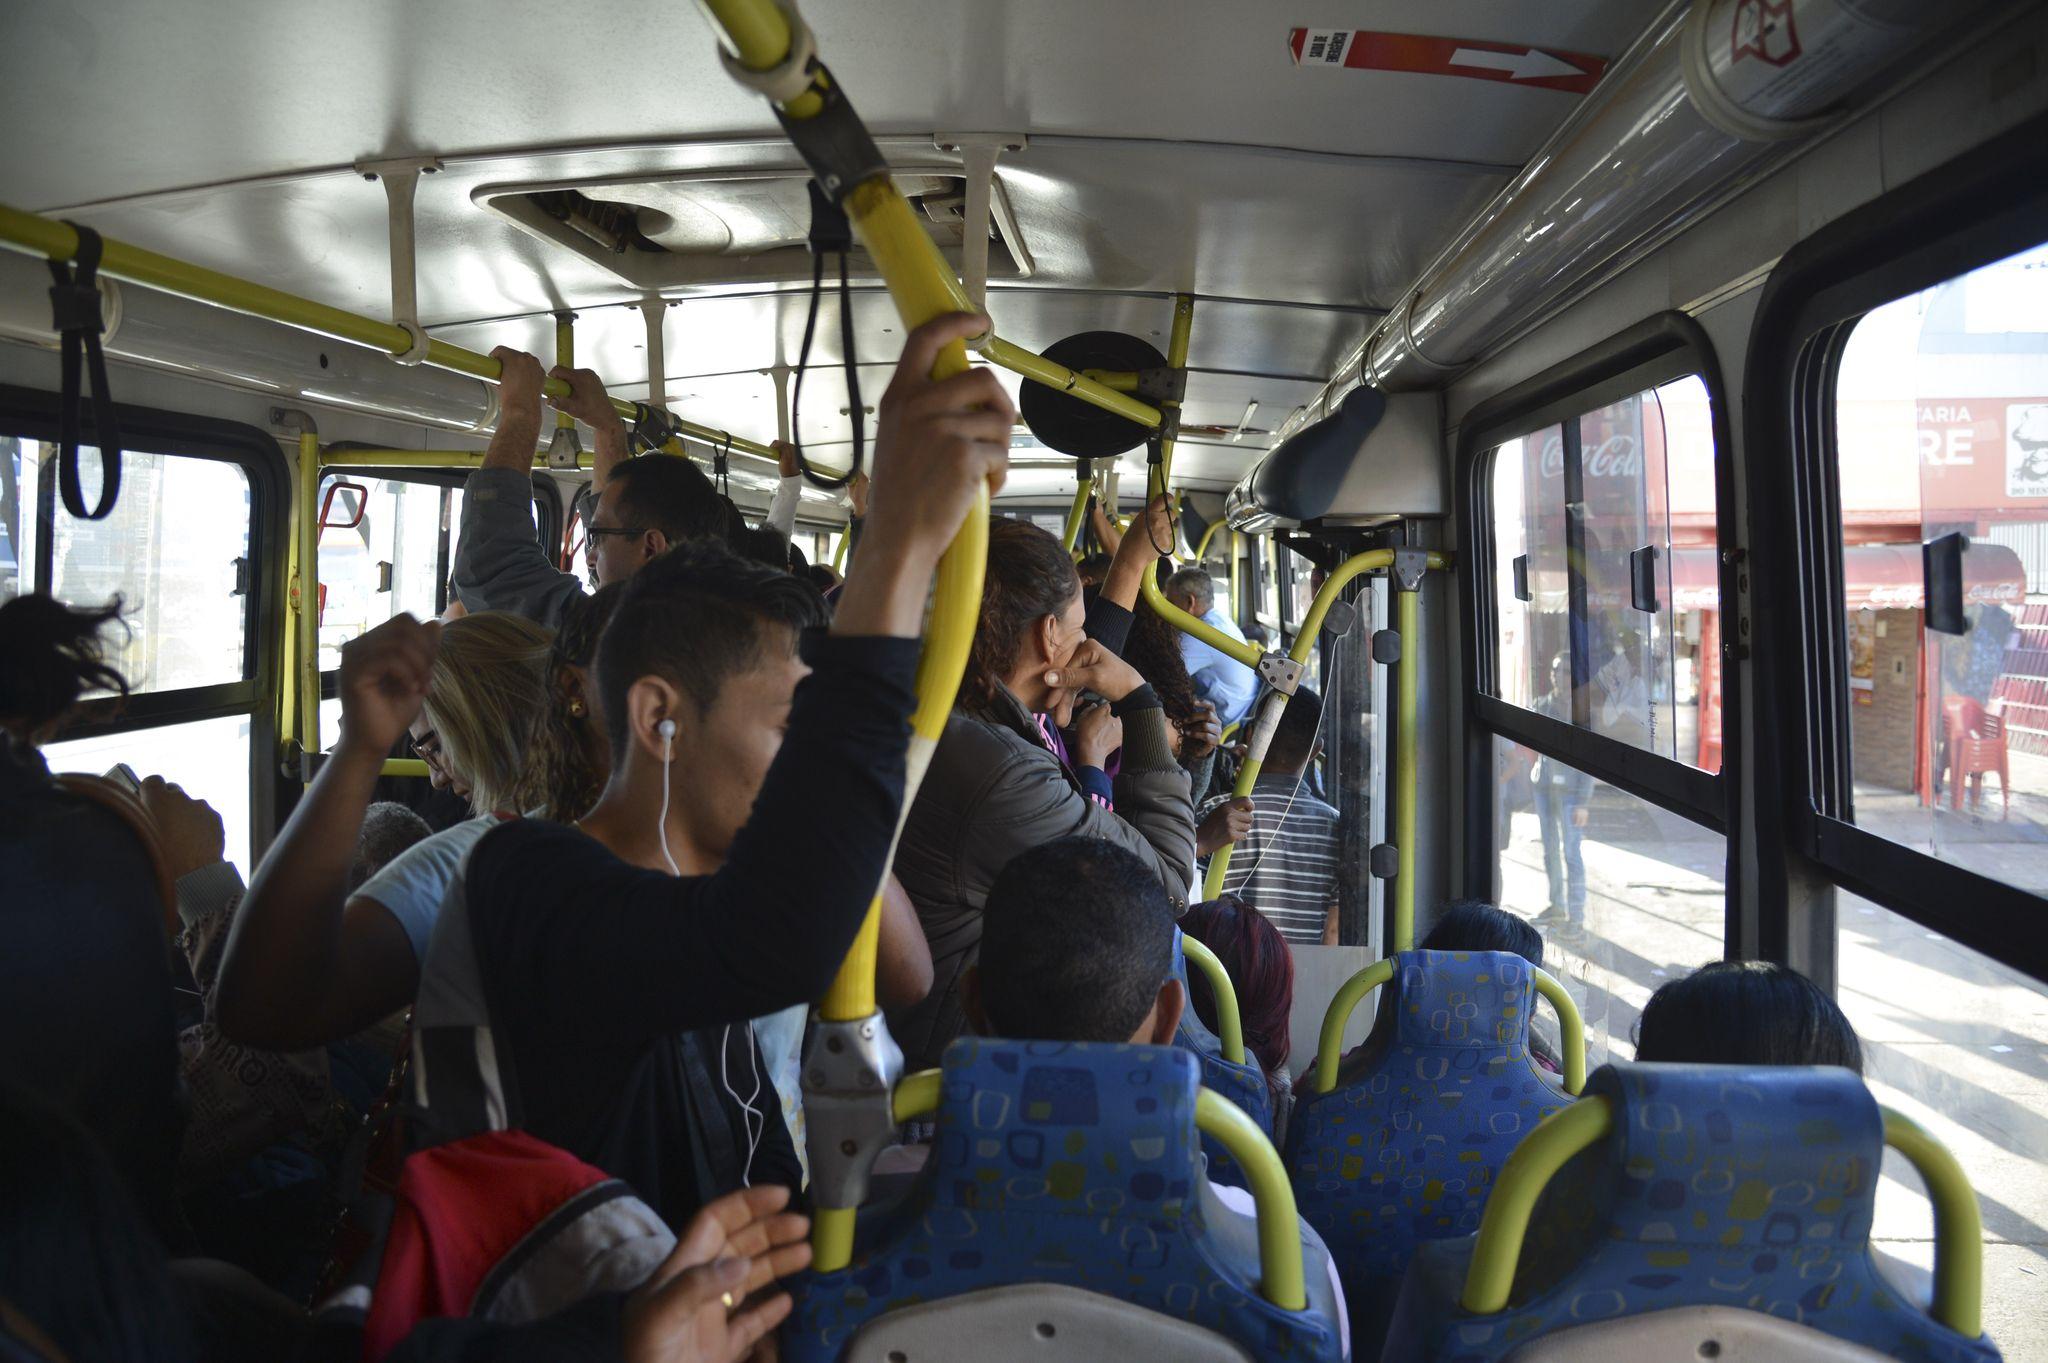 Transporte - ônibus - ônibus lotado passageiro mobilidade urbana